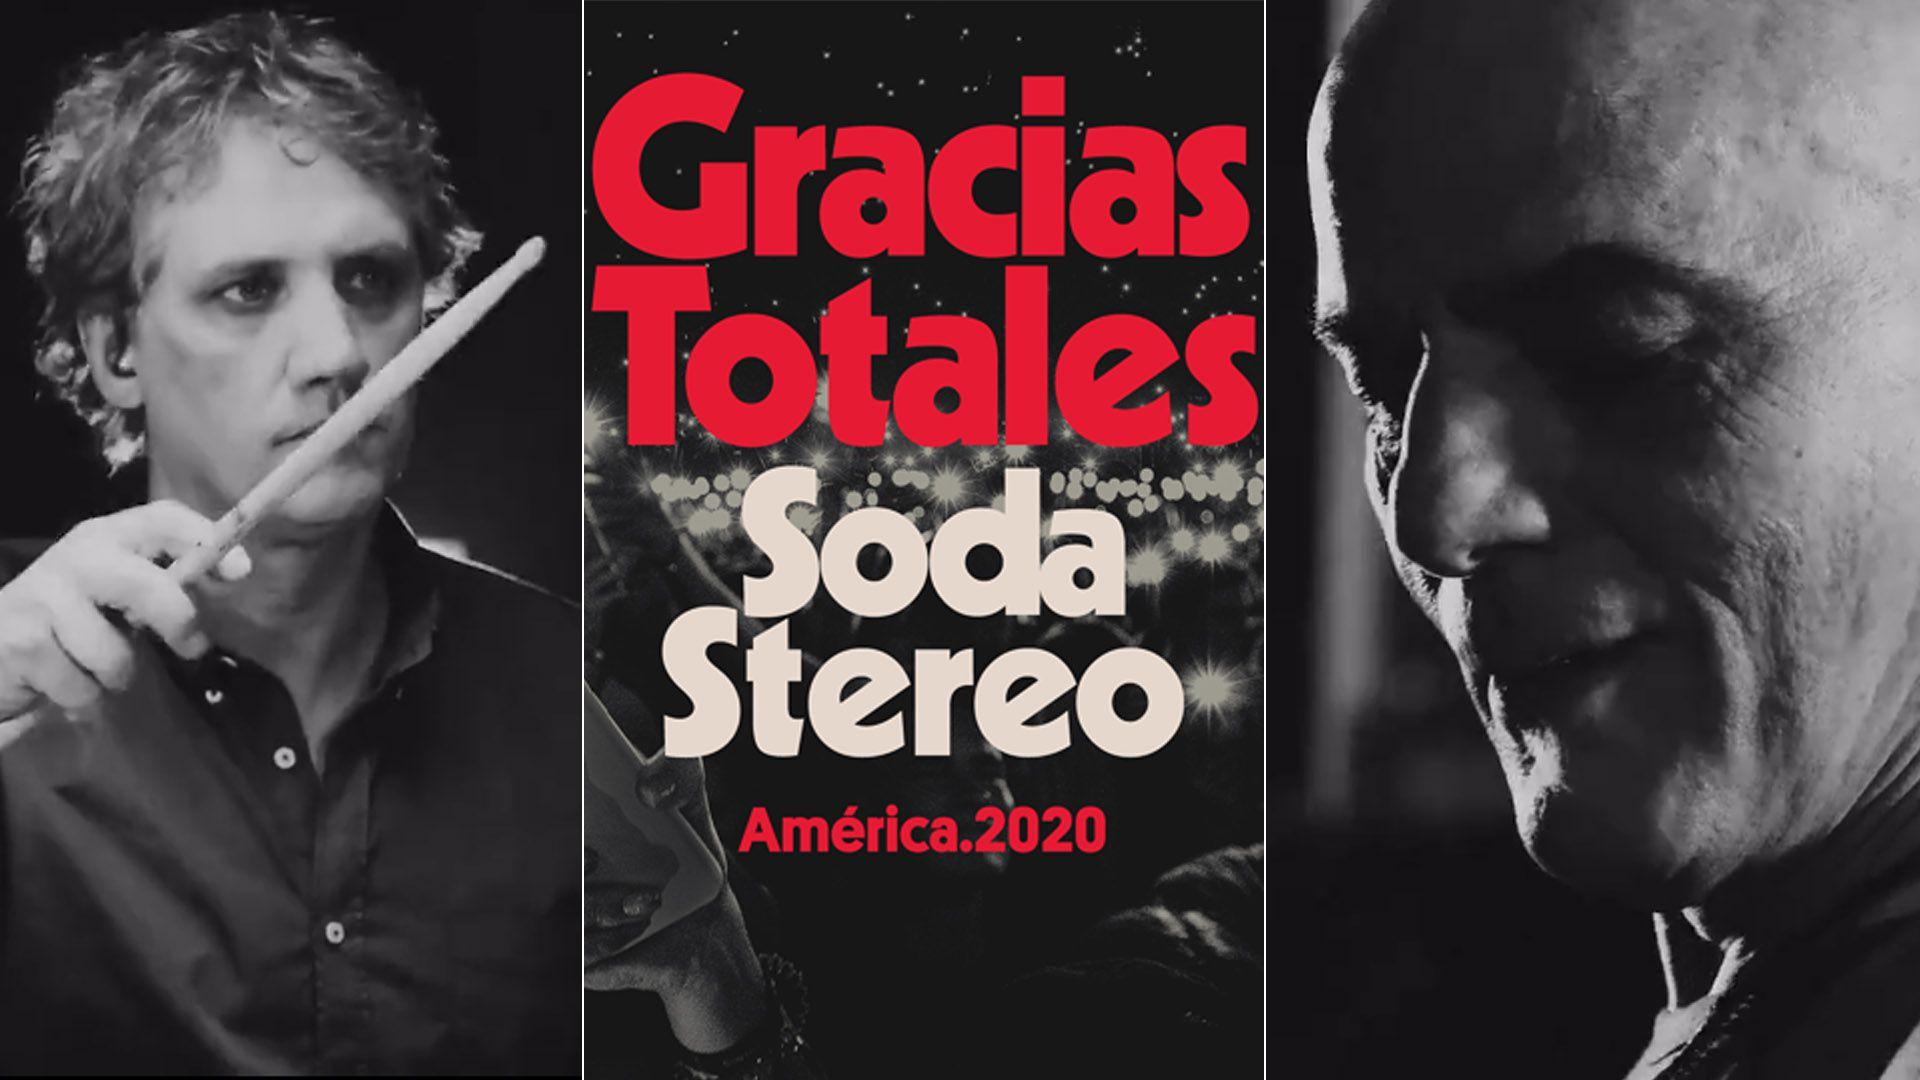 Soda Stereo Entradas 2020 1920x1080 Wallpaper Teahub Io